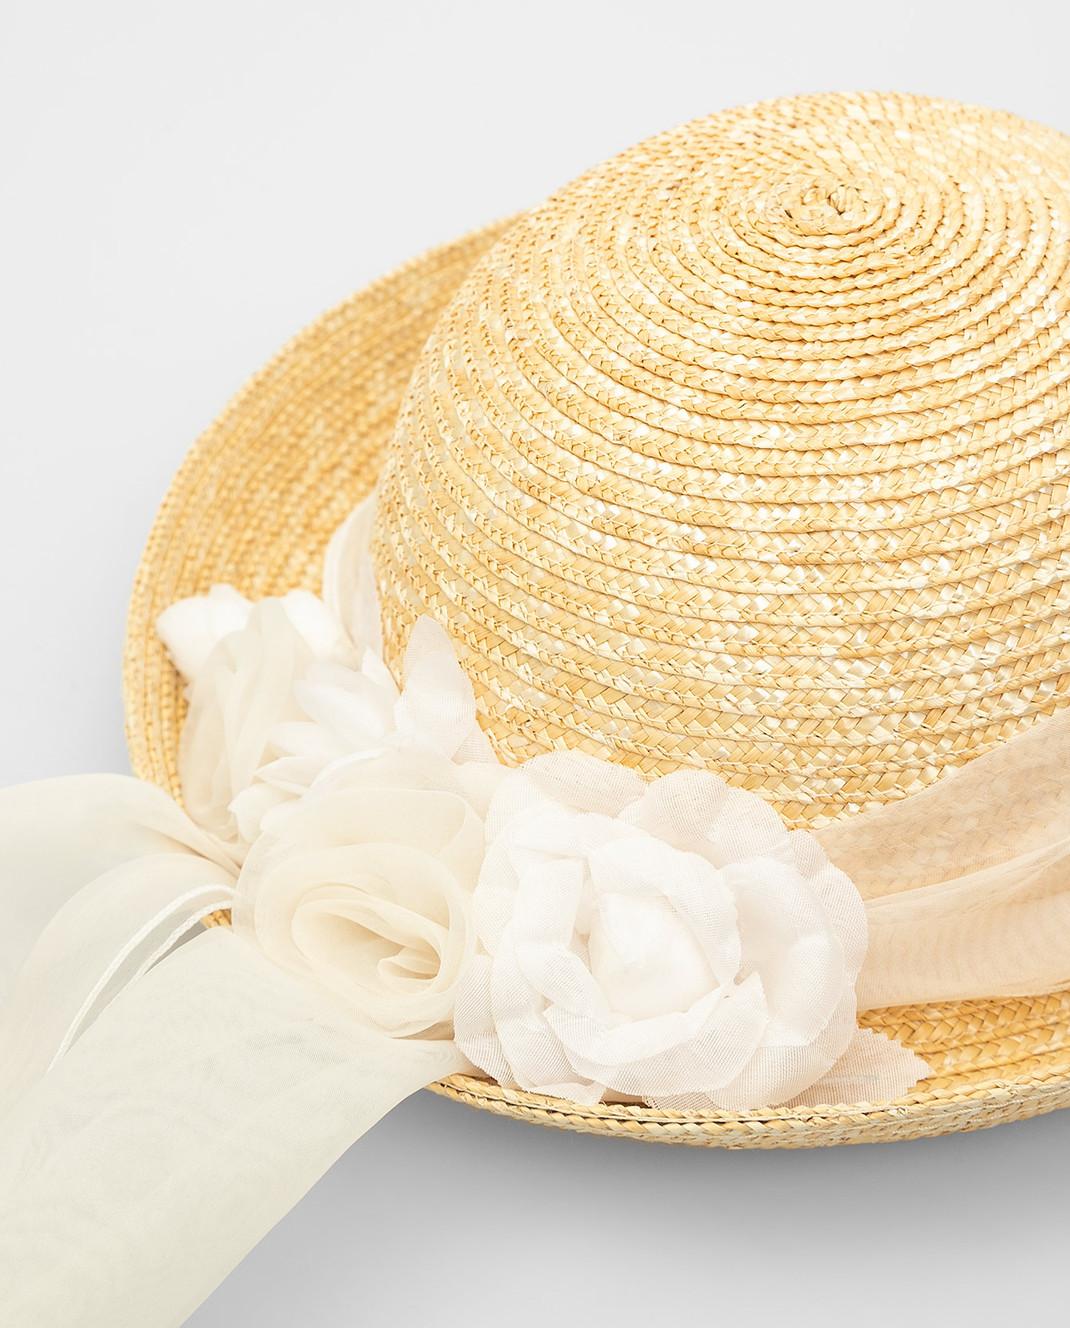 CAF Детская бежевая шляпа 020 изображение 3